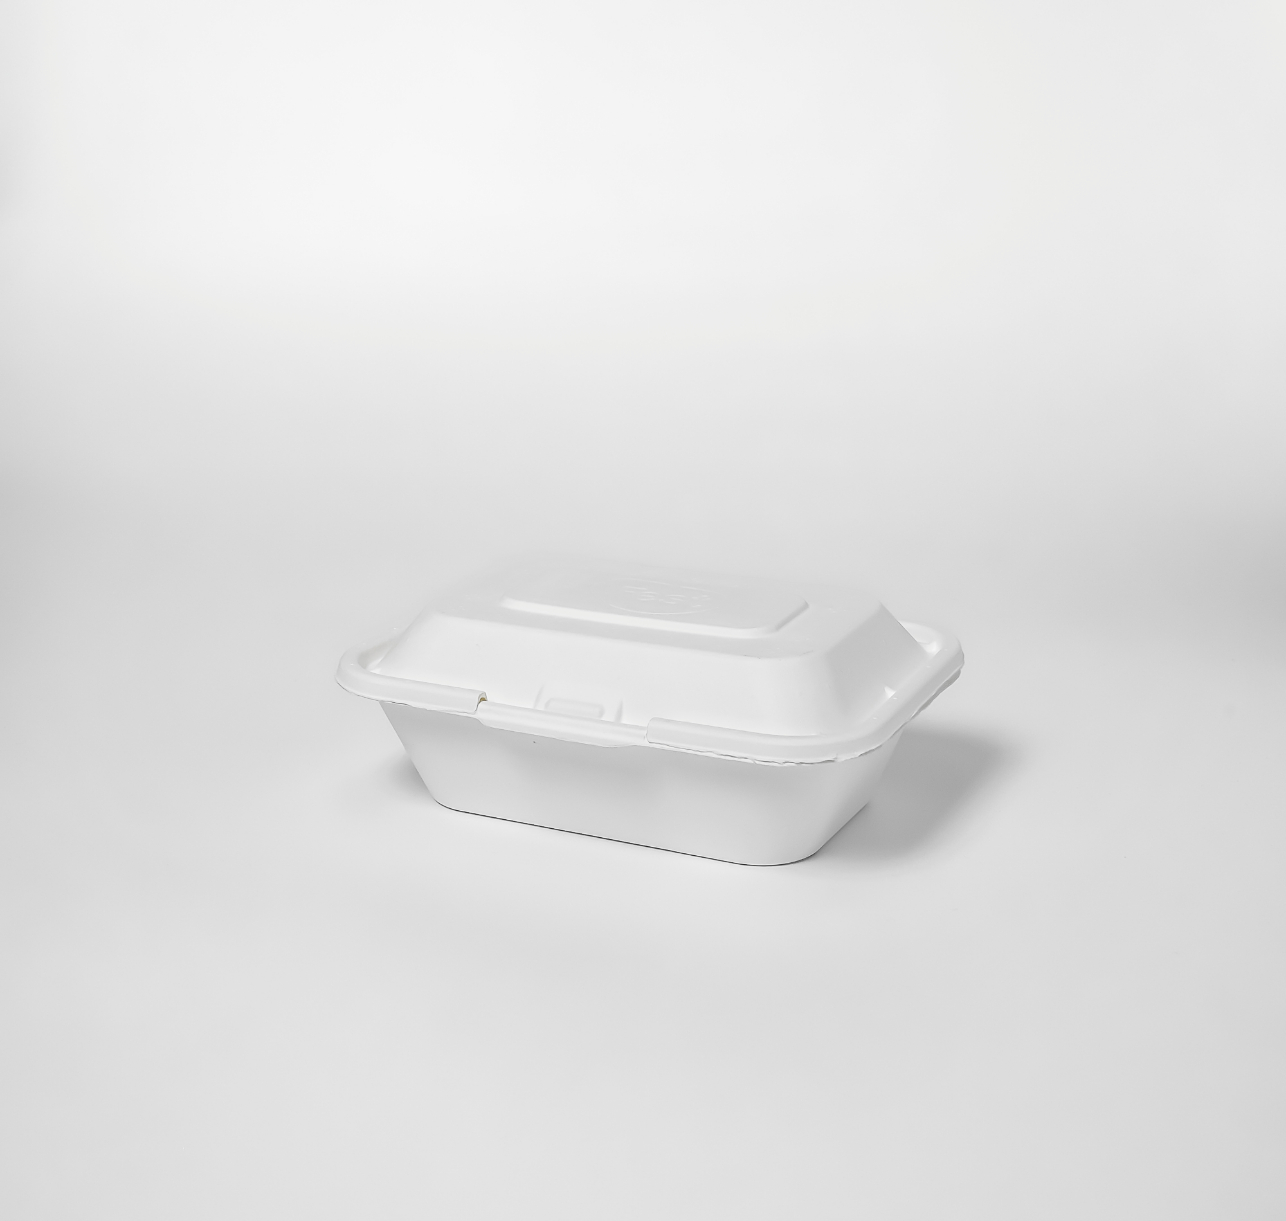 กล่องอาหารเยื่อธรรมชาติ 600ml